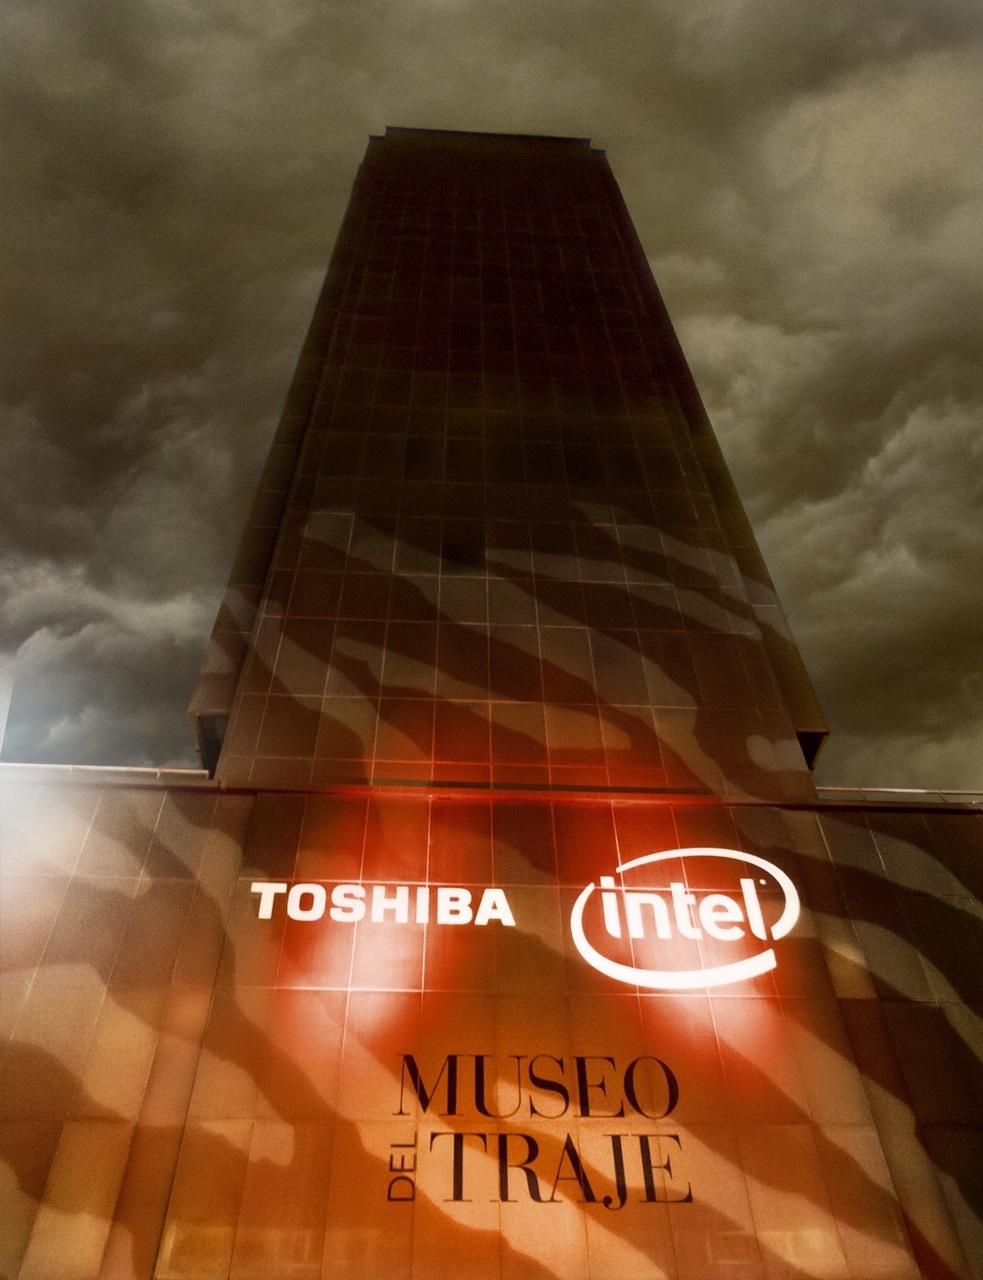 EVENTO TOSHIBA en el Museo del Traje